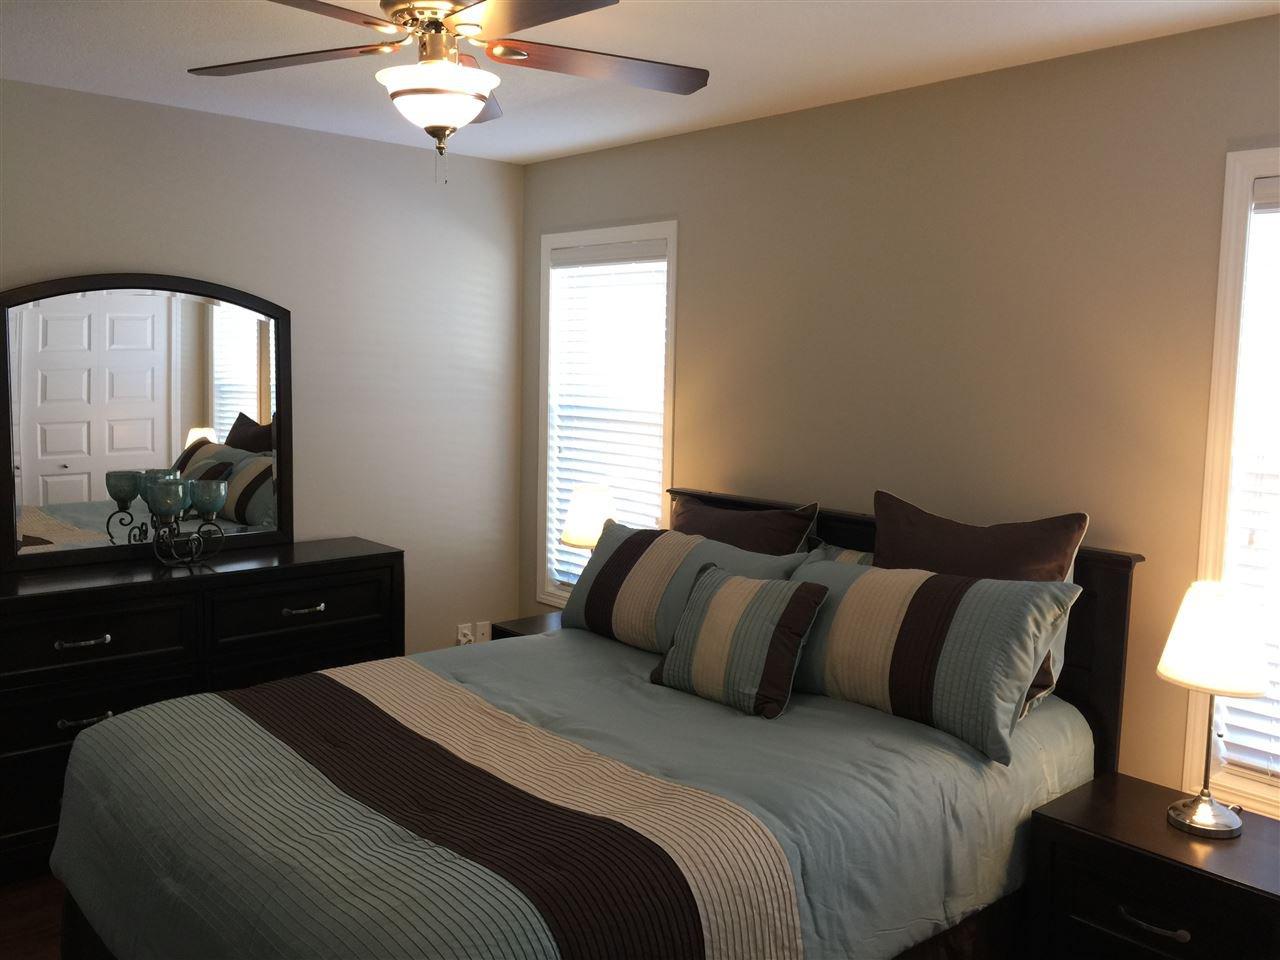 Photo 6: Photos: 11351 86A Street in Fort St. John: Fort St. John - City NE House for sale (Fort St. John (Zone 60))  : MLS®# R2147006